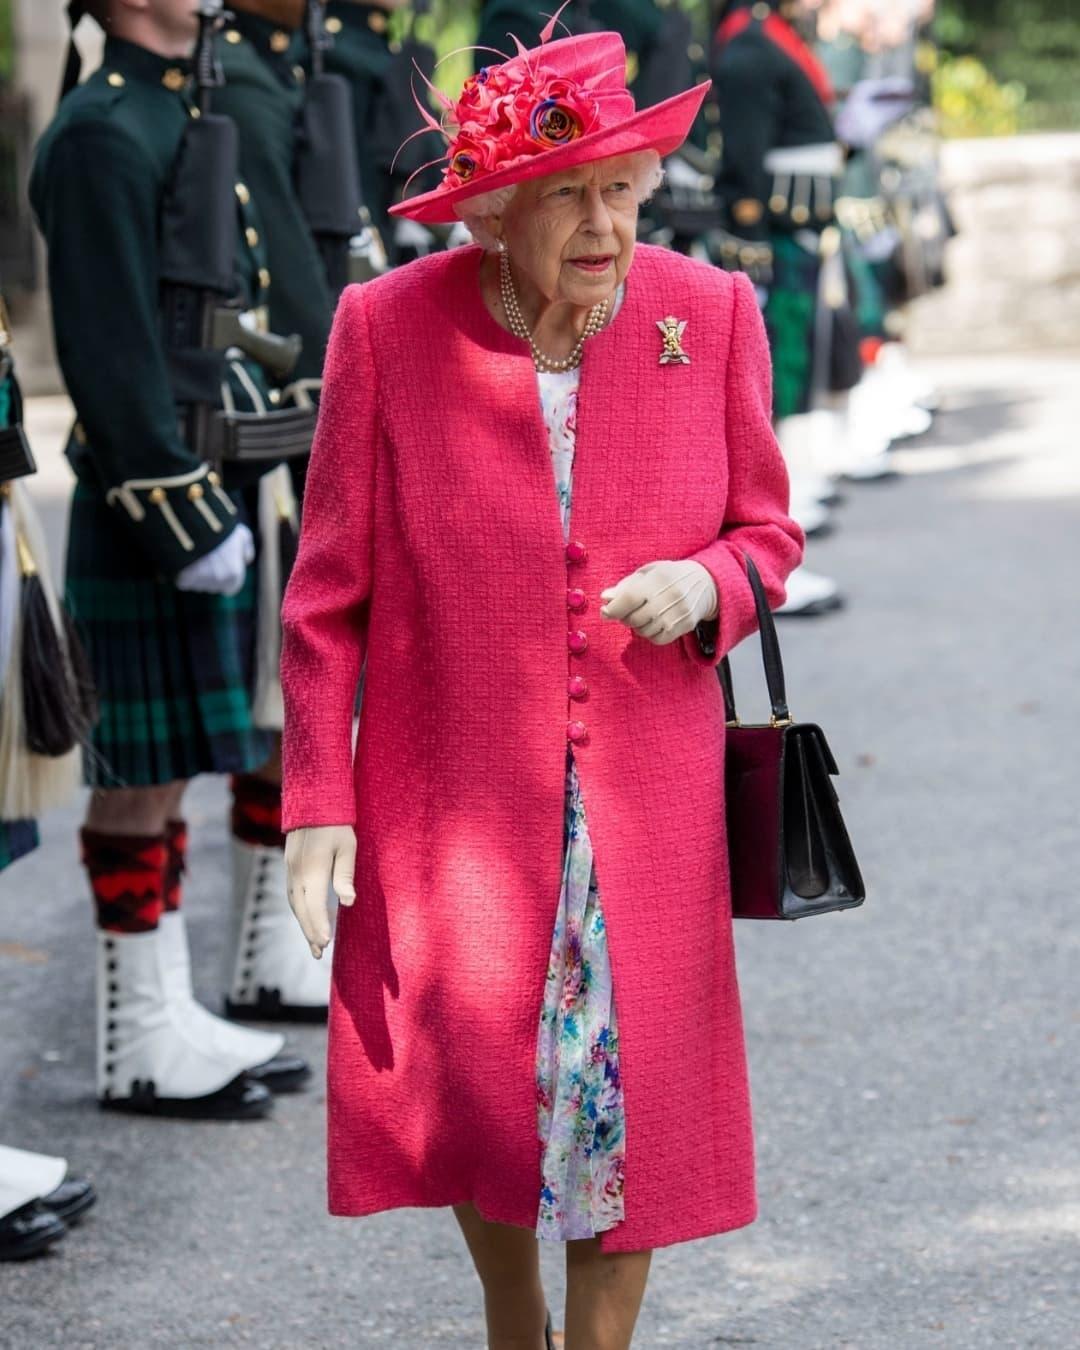 Королева выбирает розовый: Елизавета II восхитила новым выходом в женственном образе (ФОТО) - фото №2